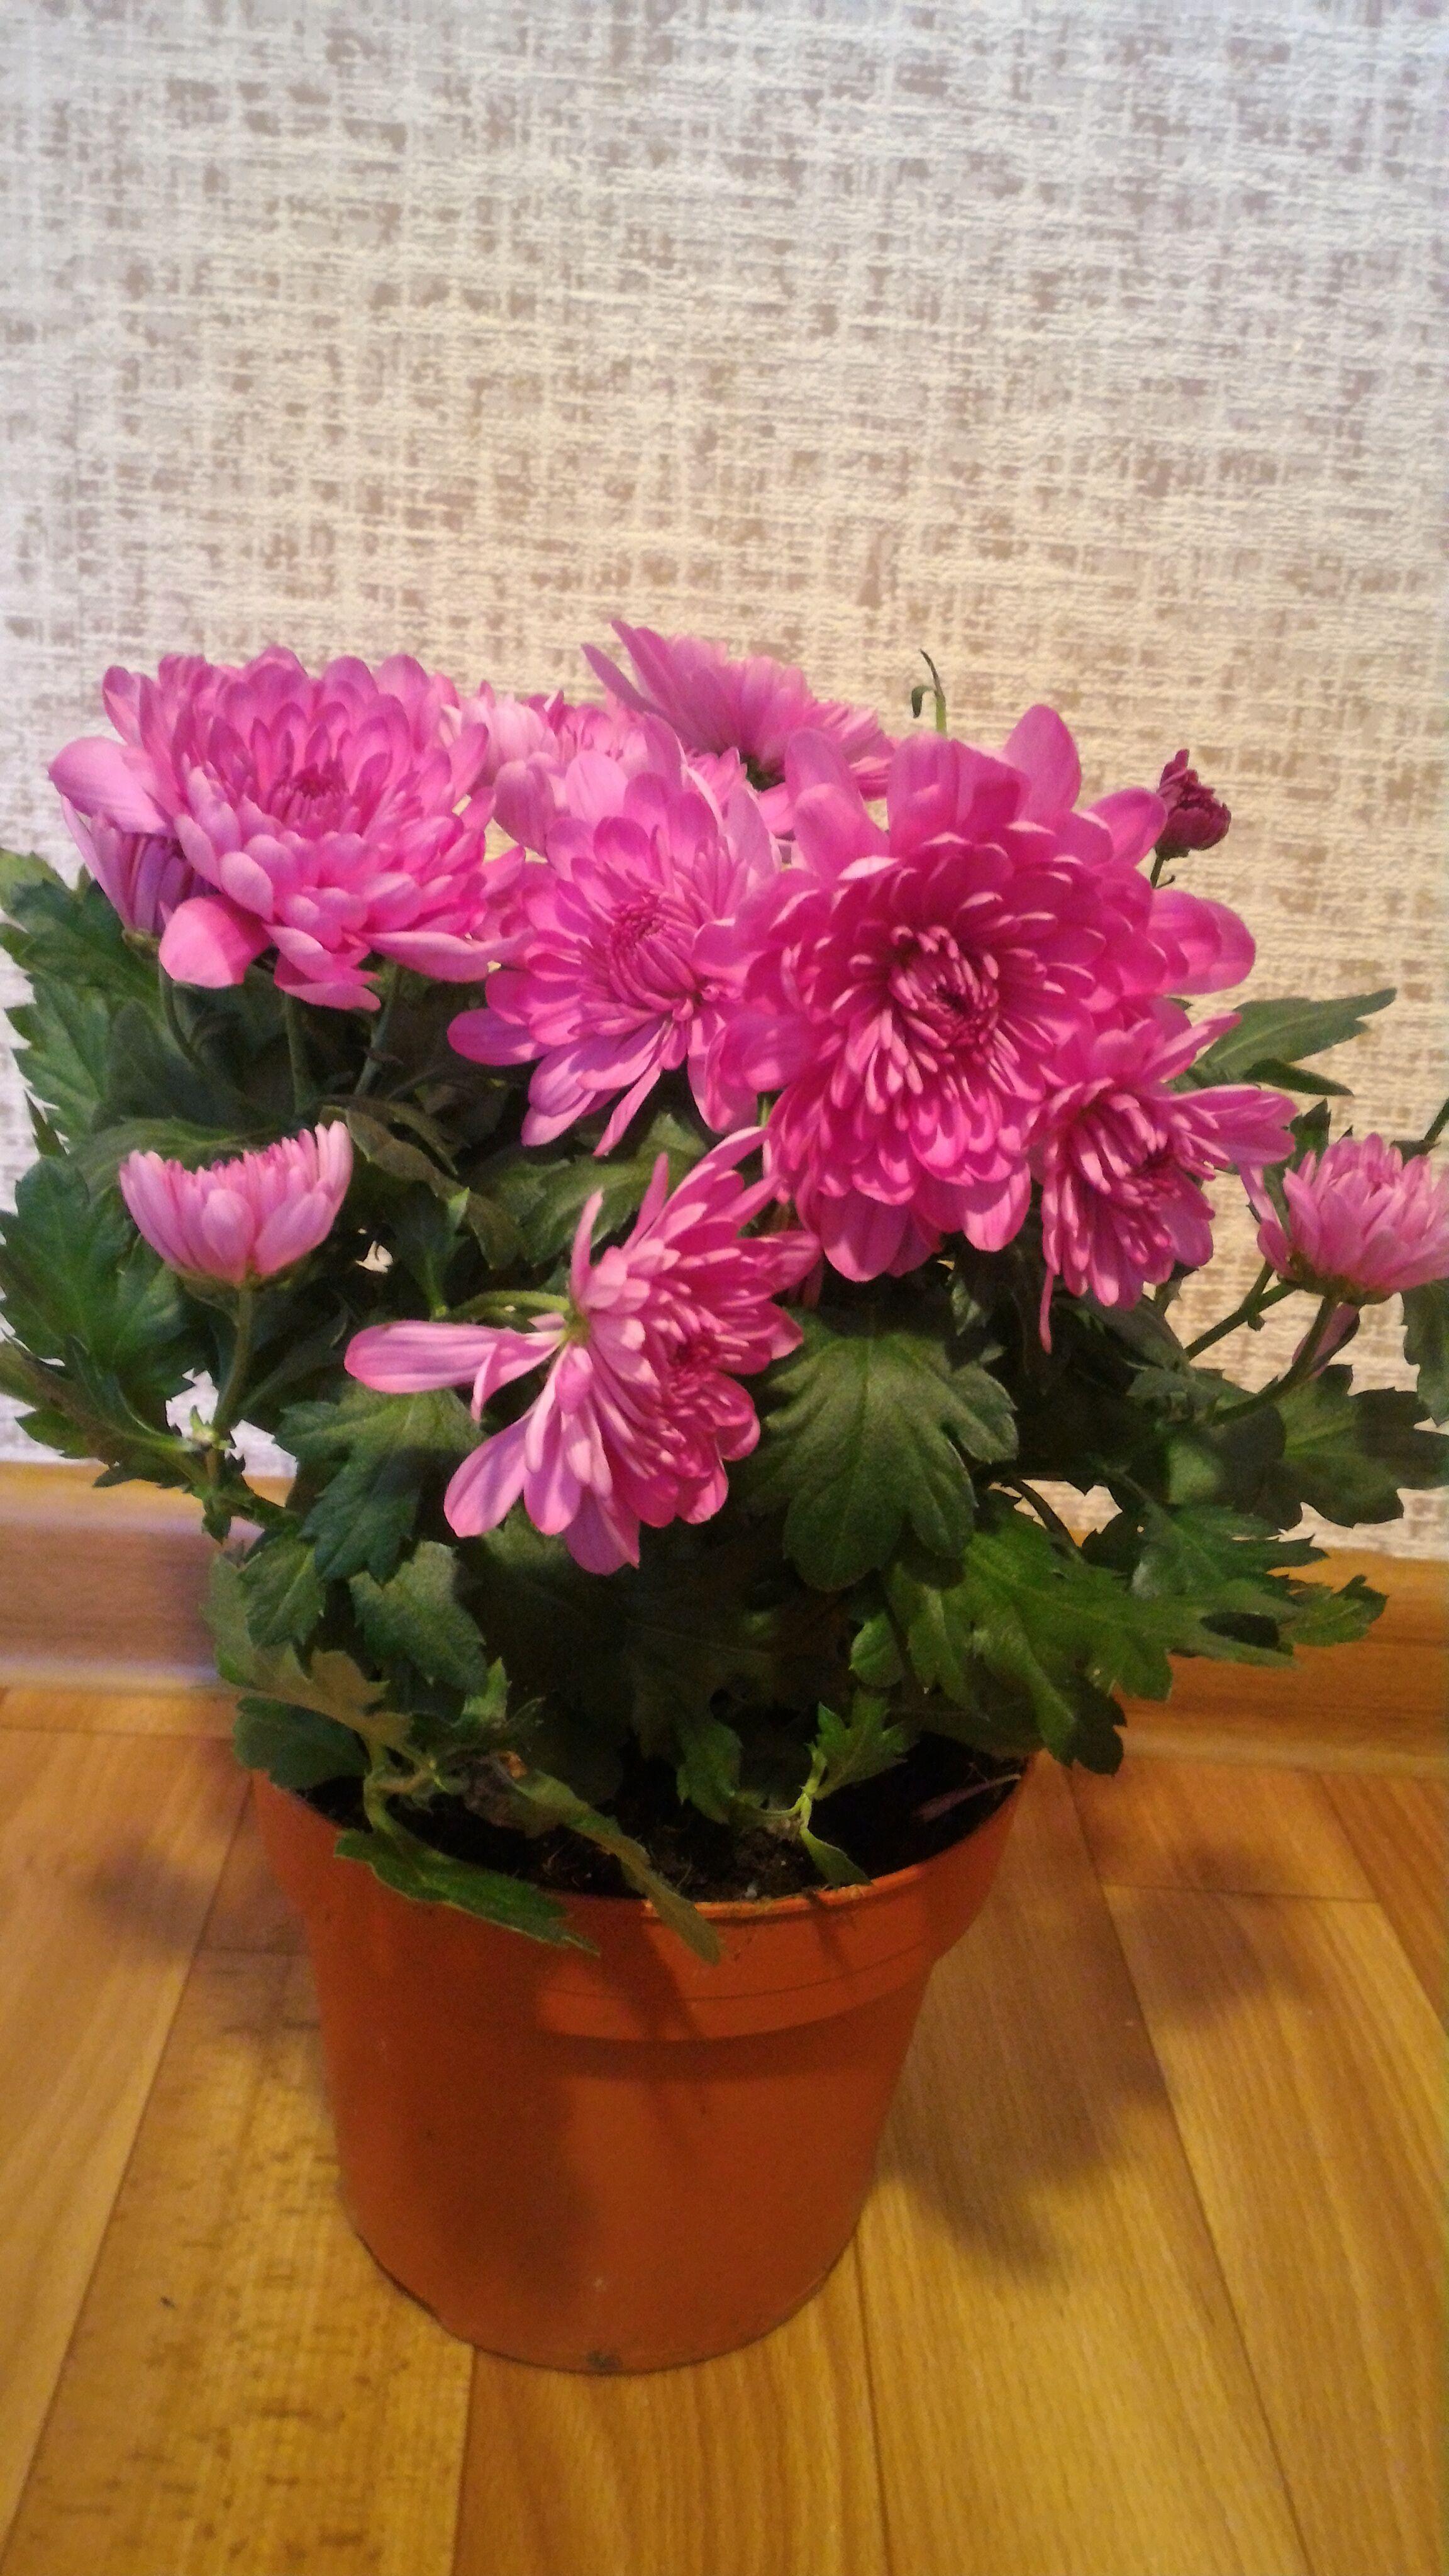 Хризантема. Уход за цветком в домашних условиях, фото 6